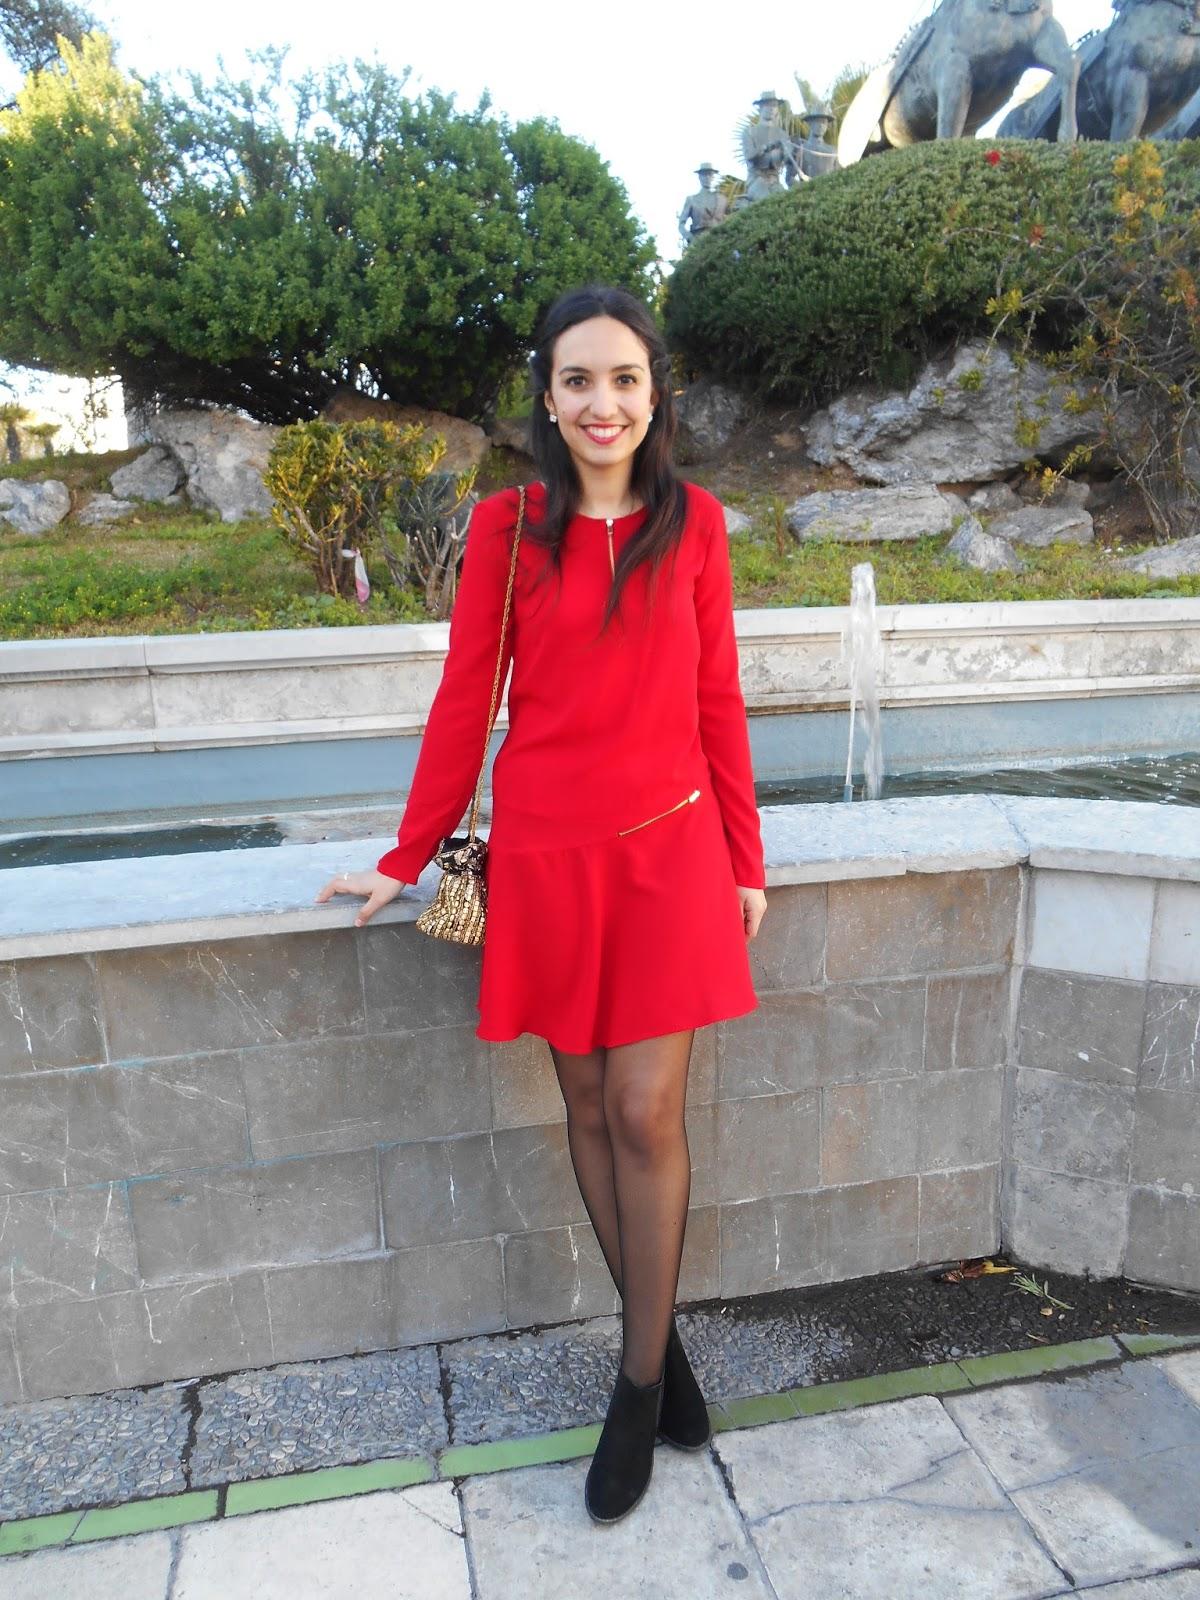 Vestido rojo con botas negras largas